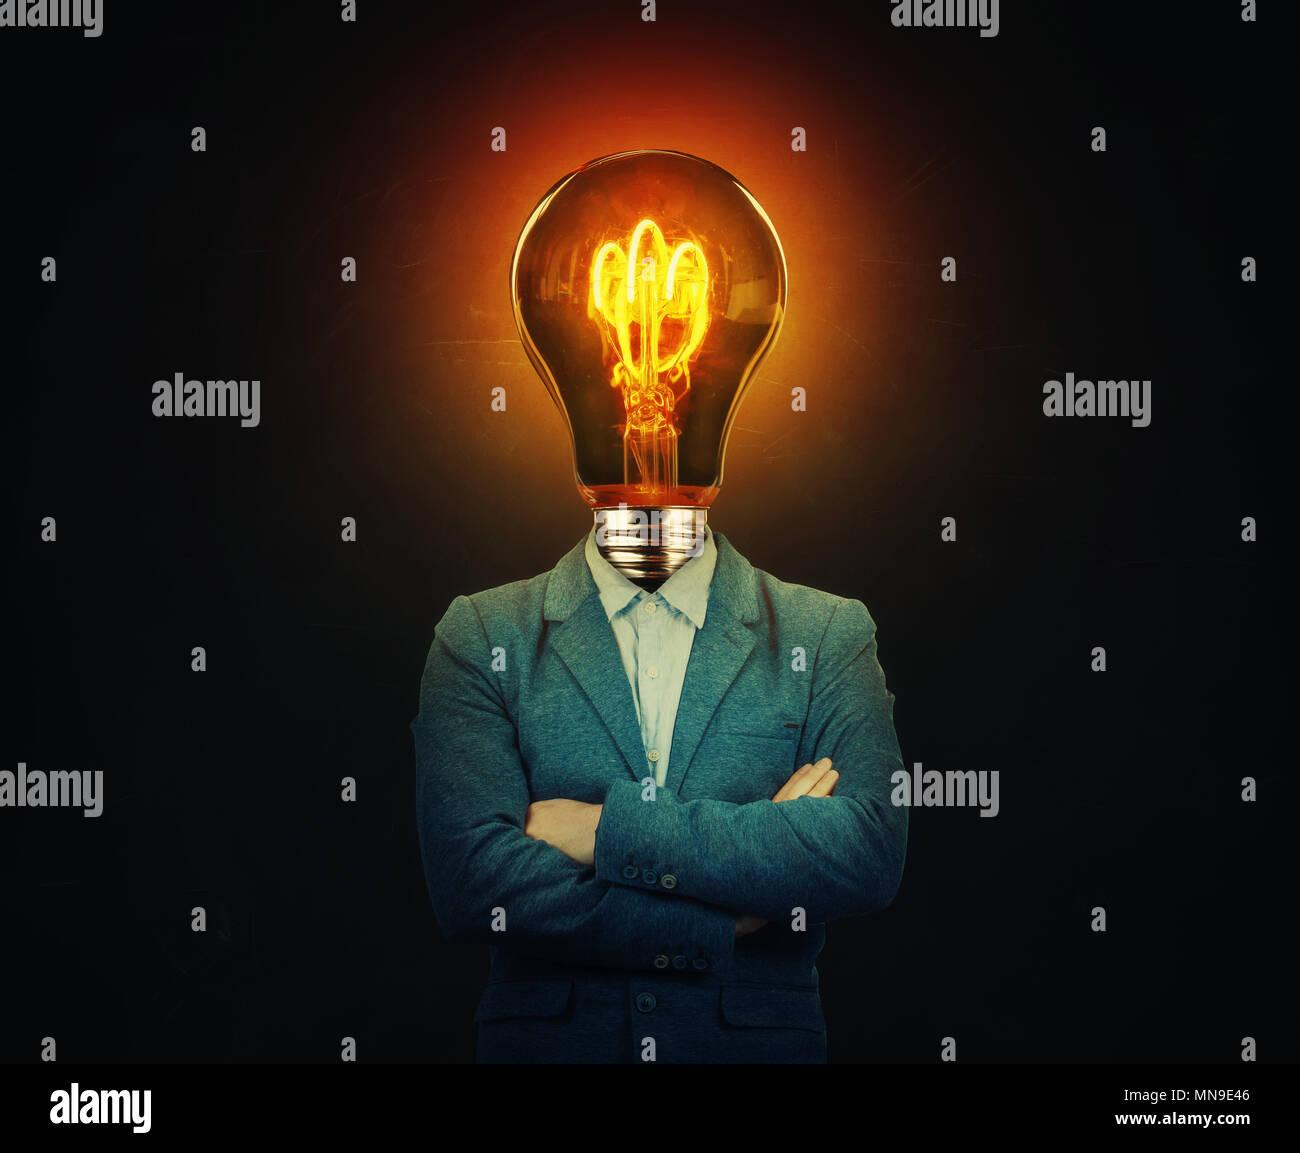 Immagine surreale come un serio imprenditore con una lampadina al posto della sua testa con due mani incrociate su sfondo nero. Idea di business e creatività simbolo. Immagini Stock